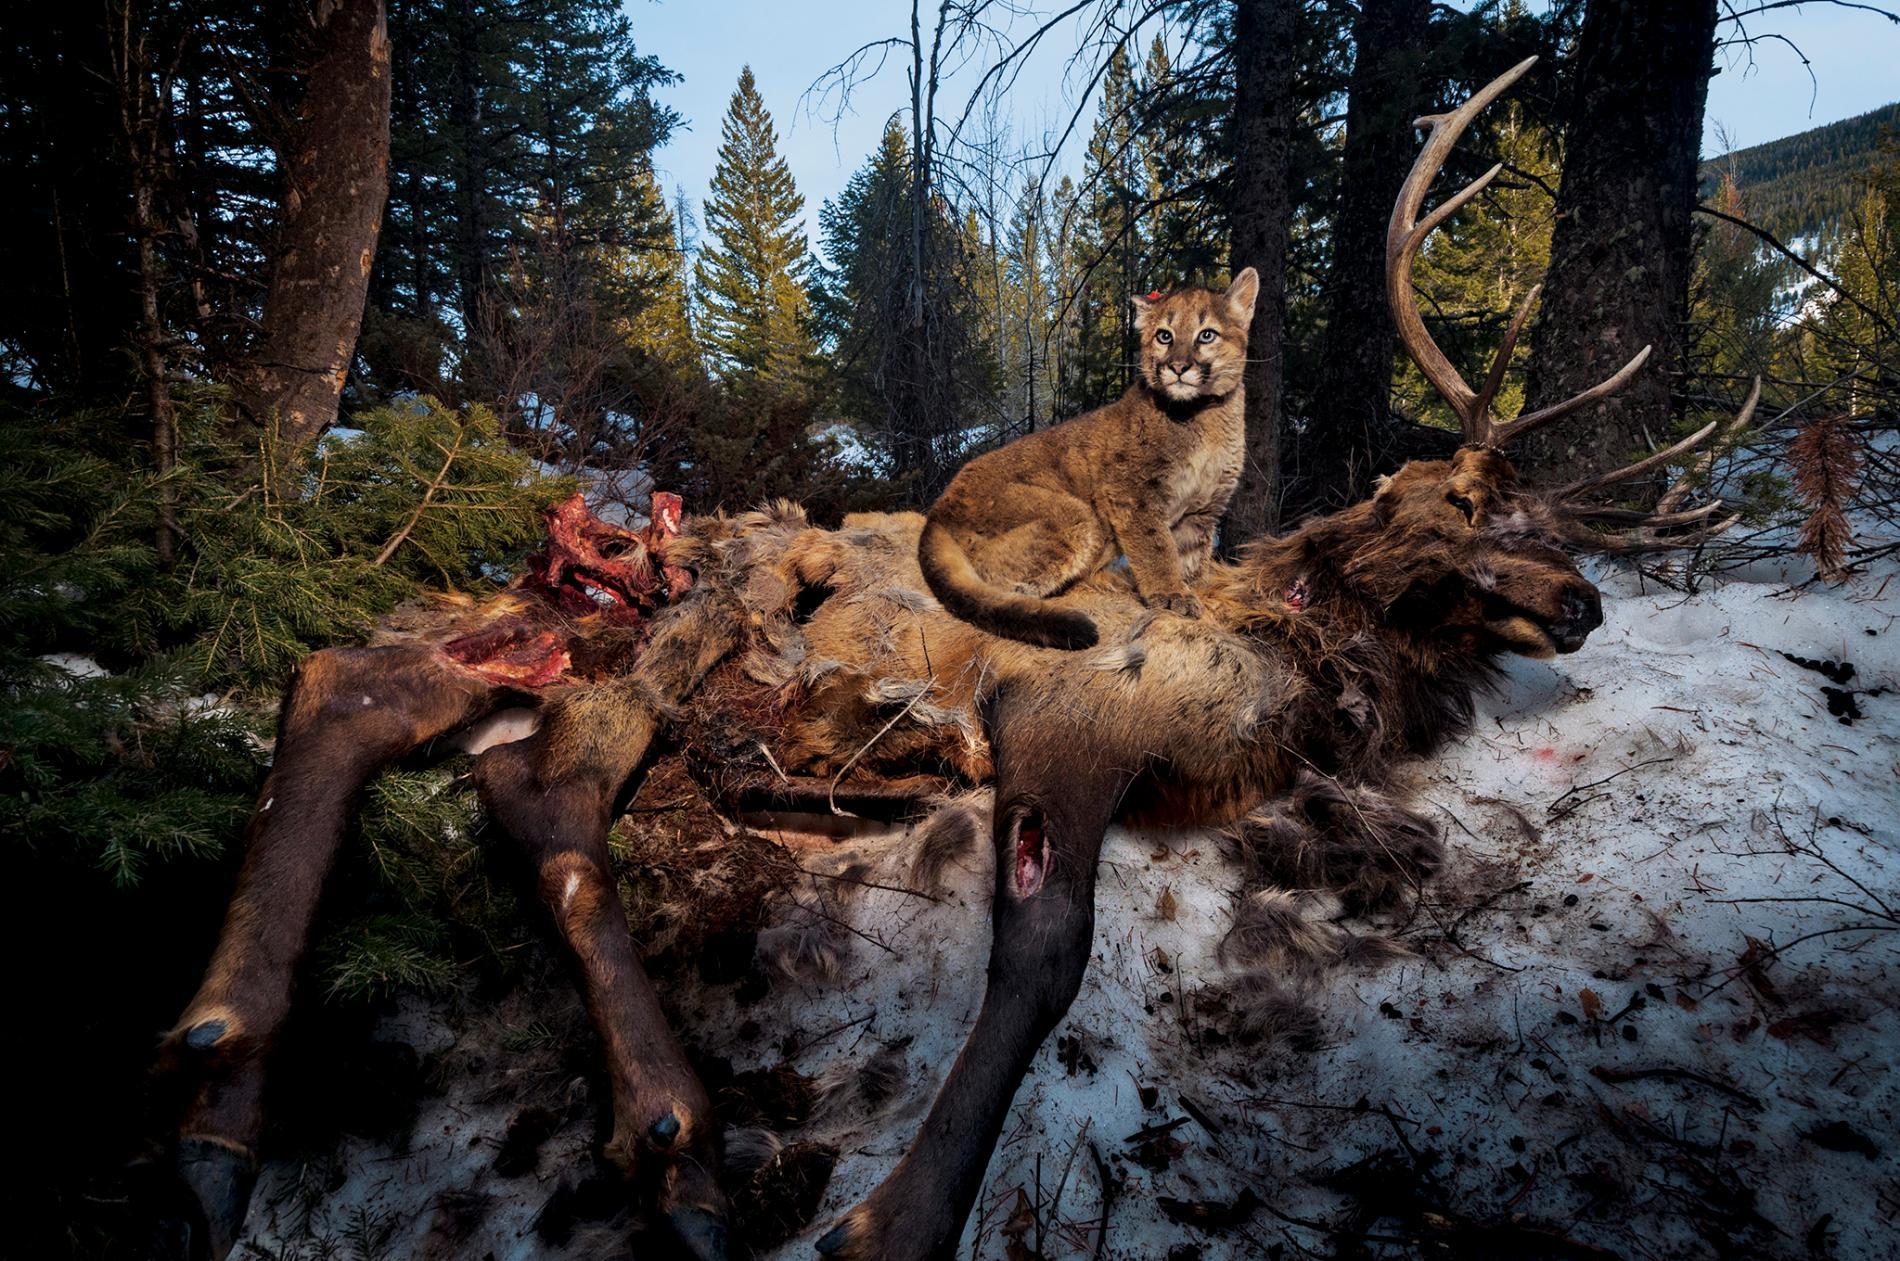 在黃石地區,一隻暱稱是「來福」(Lucky)的四月齡美洲獅(cougar)幼崽坐在一頭麋鹿(elk)的屍體上。PHOTOGRAPH BY STEVE WINTER, NAT GEO IMAGE COLLECTION